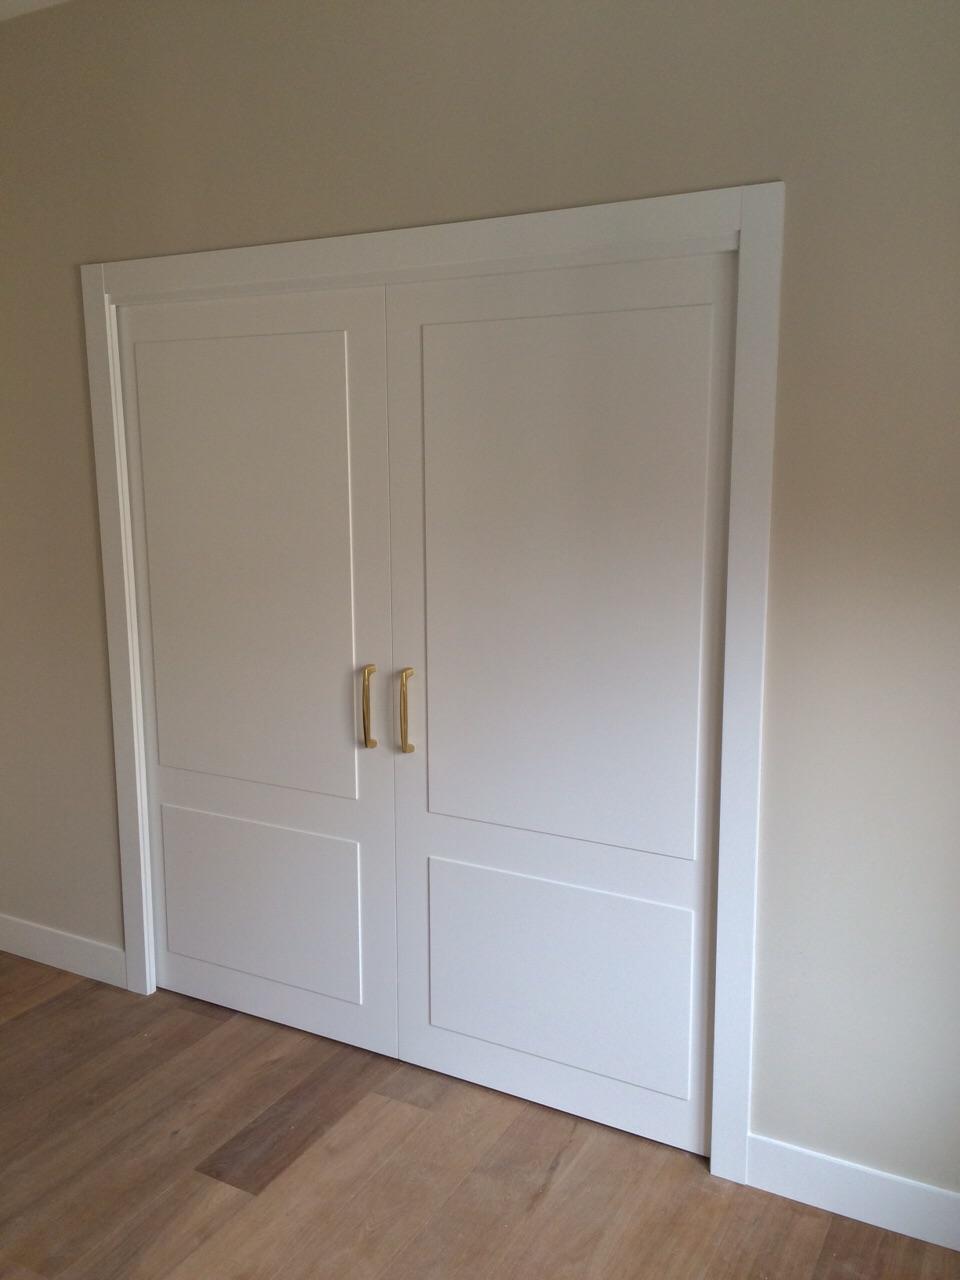 Frentes de armario a medida metrocloset - Armarios empotrados puertas correderas ...